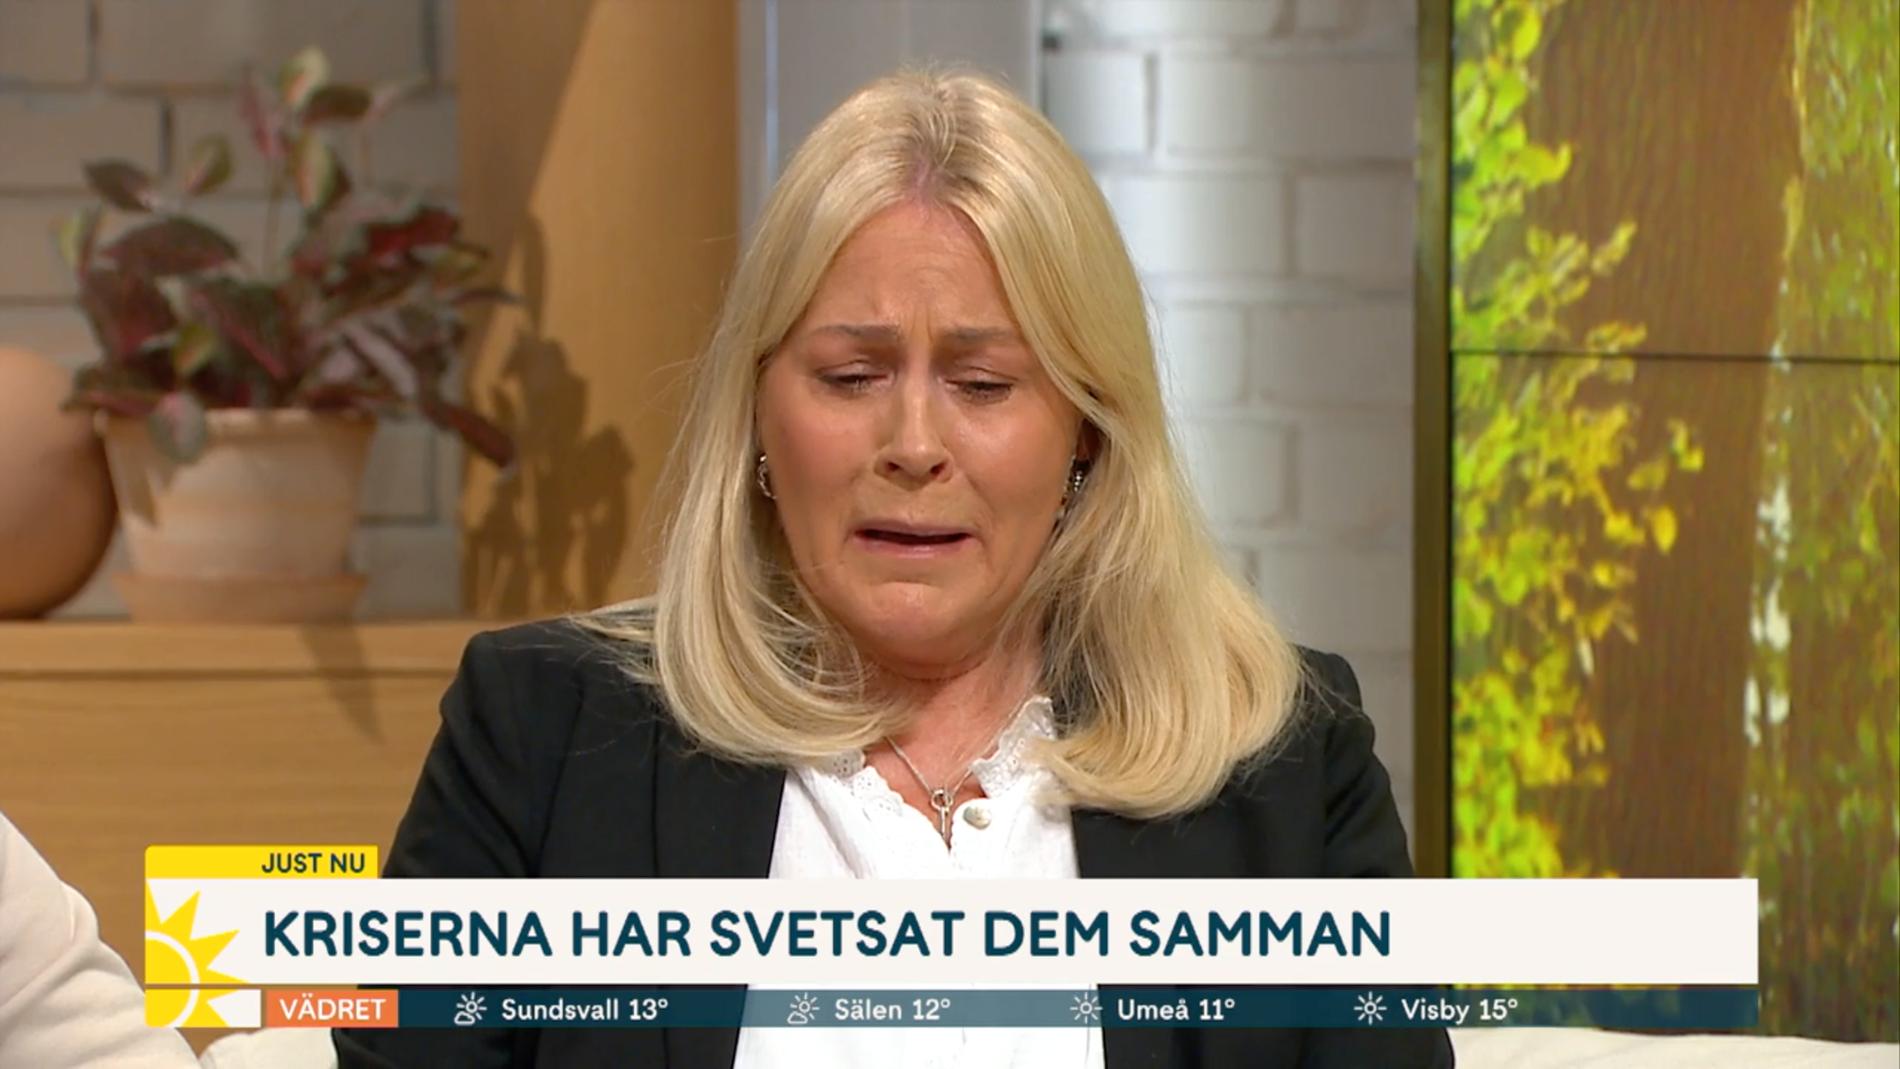 Skådespelerskan Nina Gunke, 66, berättar i Nyhetsmorgon i TV4 om sitt sjukdomsbesked.